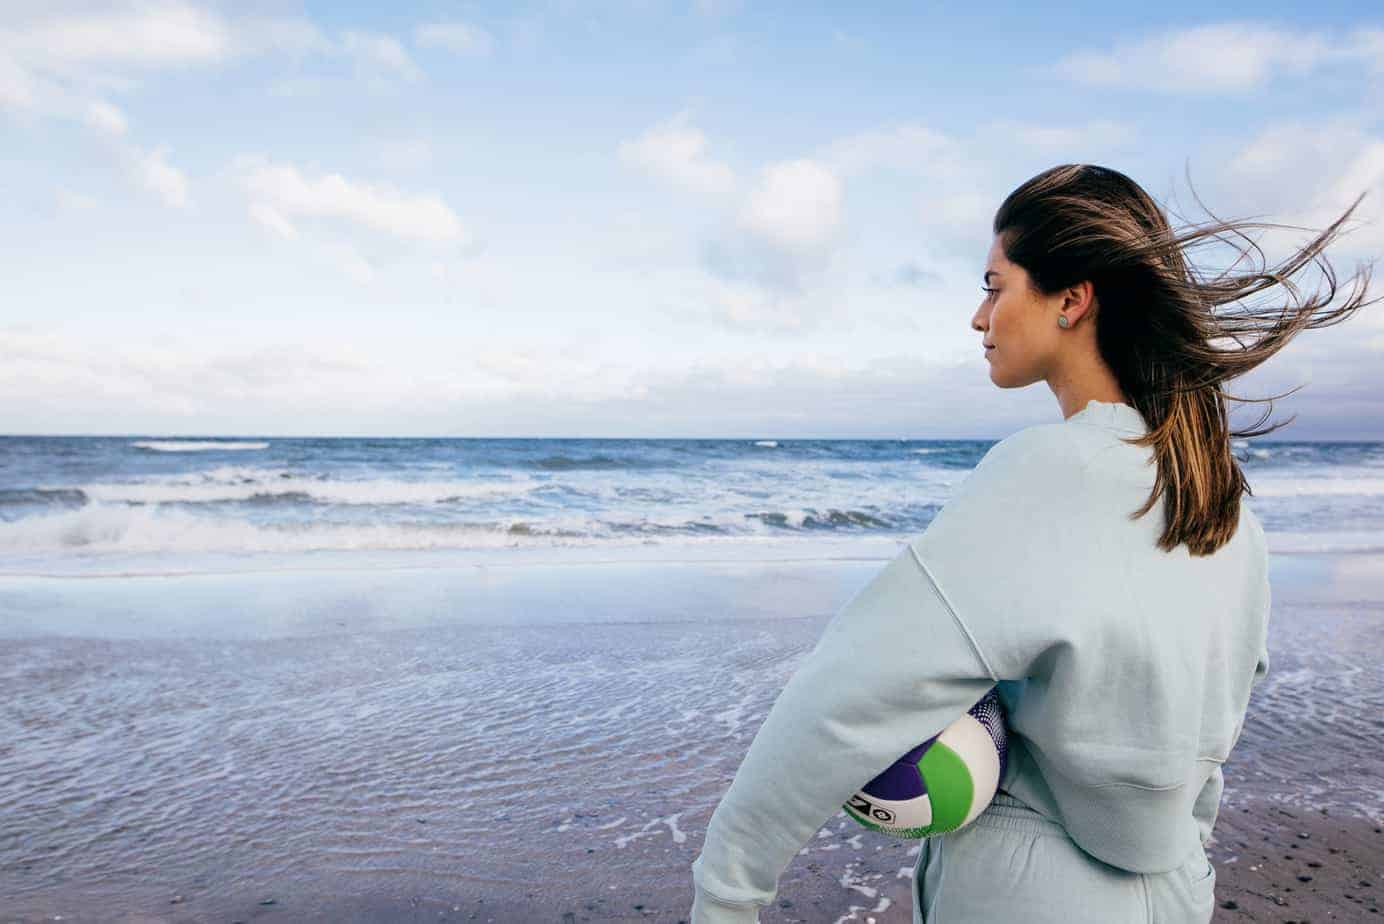 Der SEASIDE Location-Check zur Beach-Volleyball Weltmeisterschaft 2019 in Hamburg